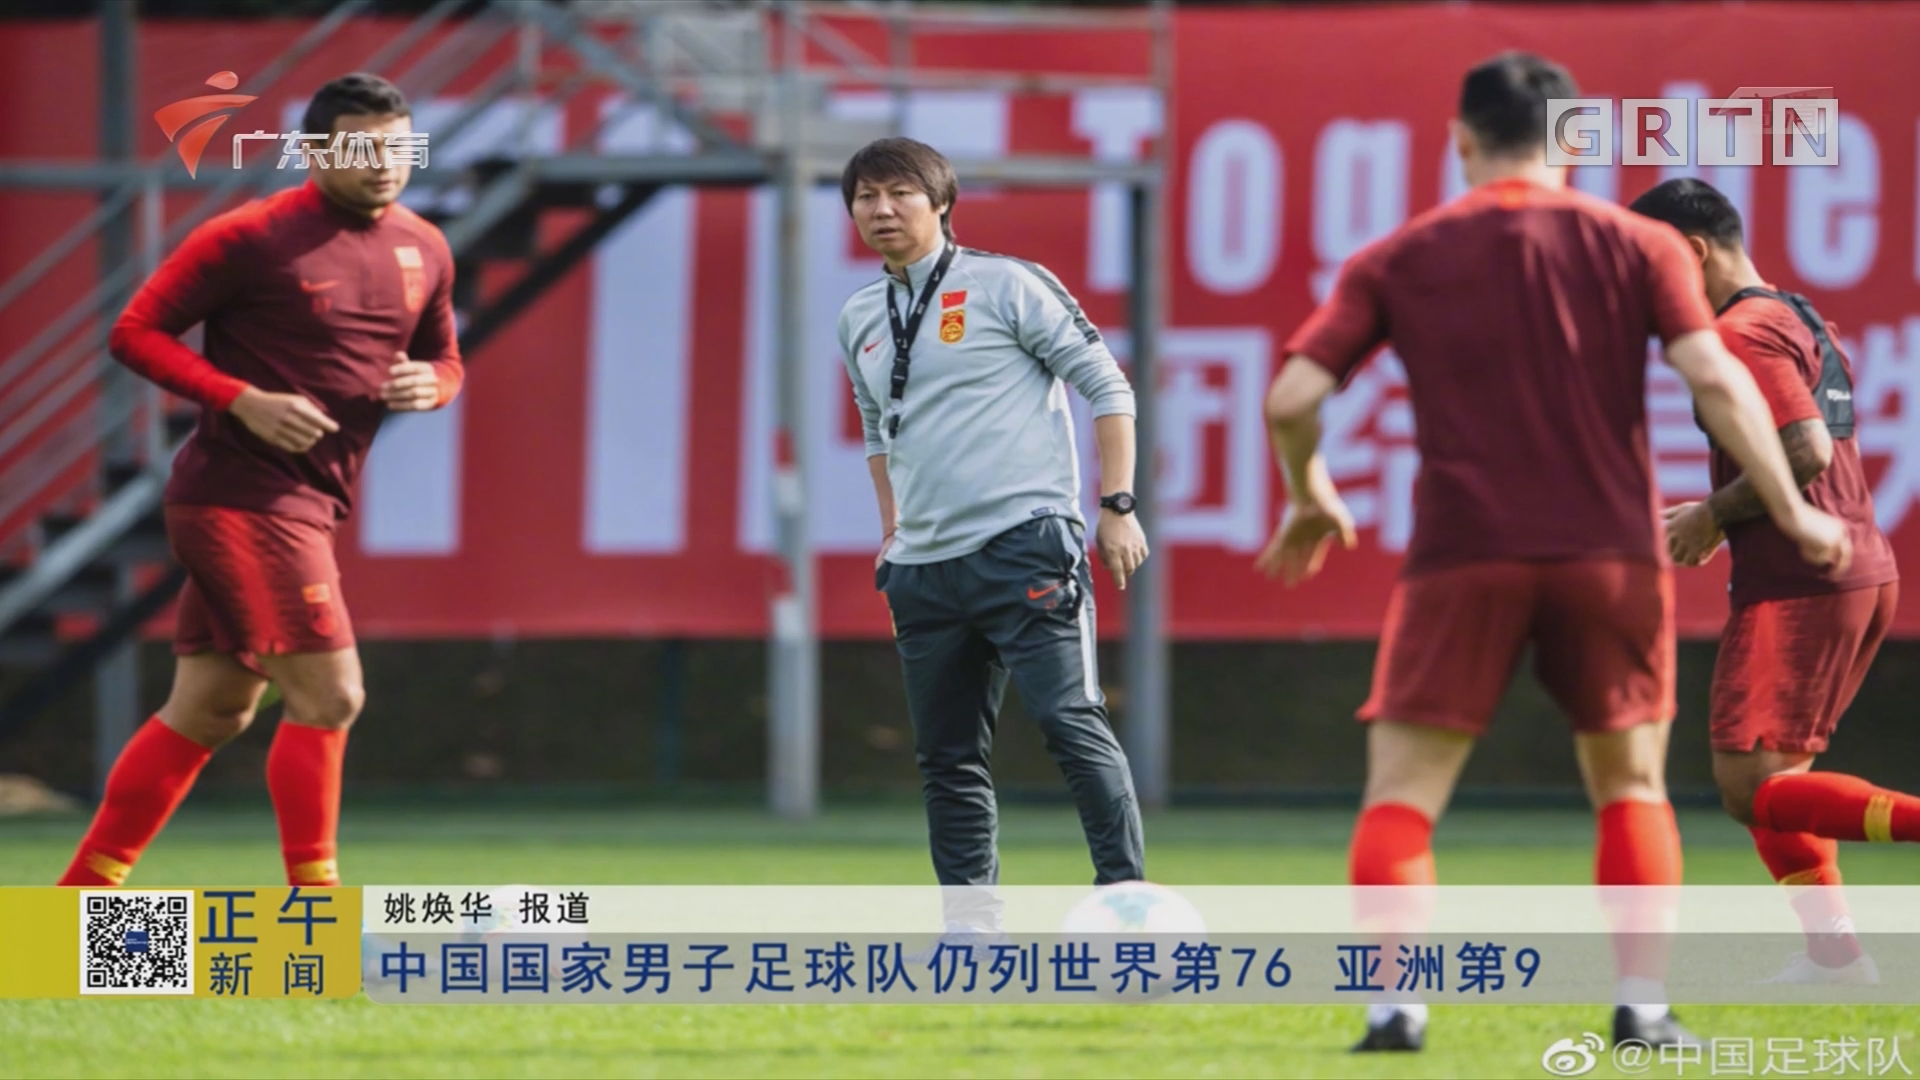 中国国家男子足球队仍列世界第76 亚洲第9